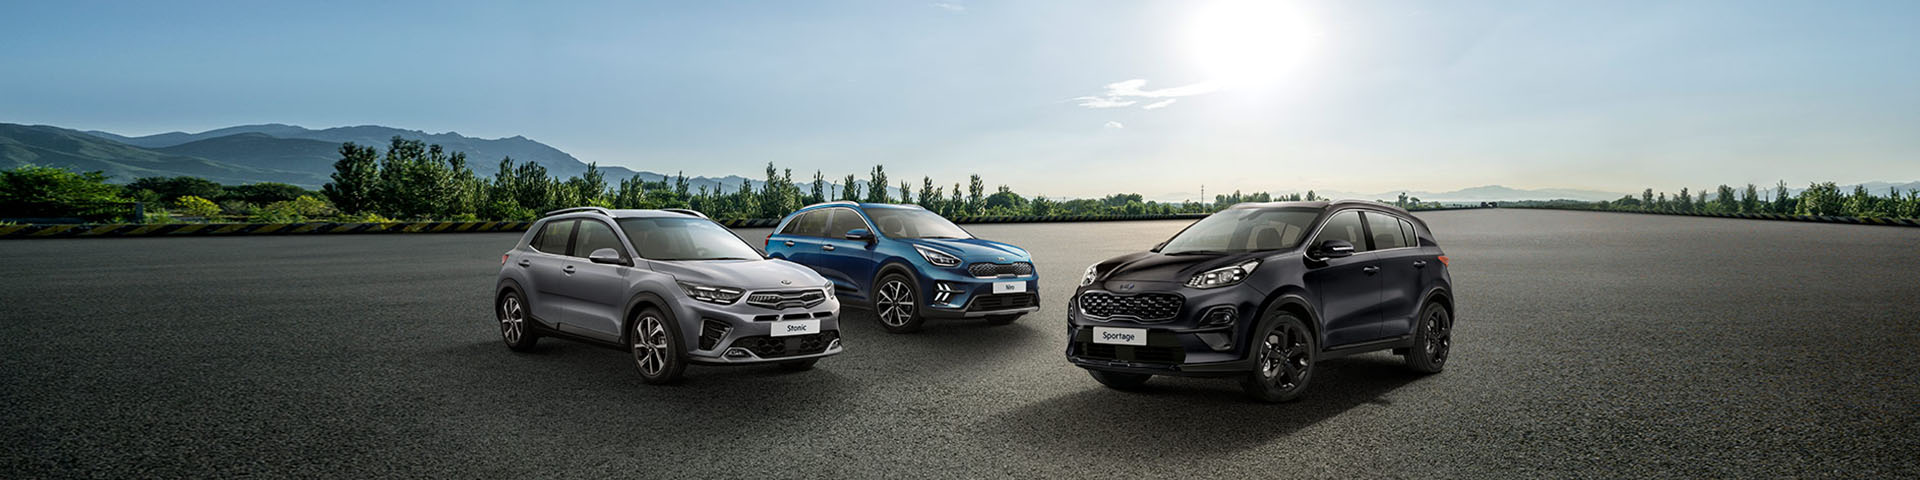 A.R.  Motors, Concesionario Oficial Kia en  en Maresme, Barcelonés y Baix Llobregat (Barcelona)